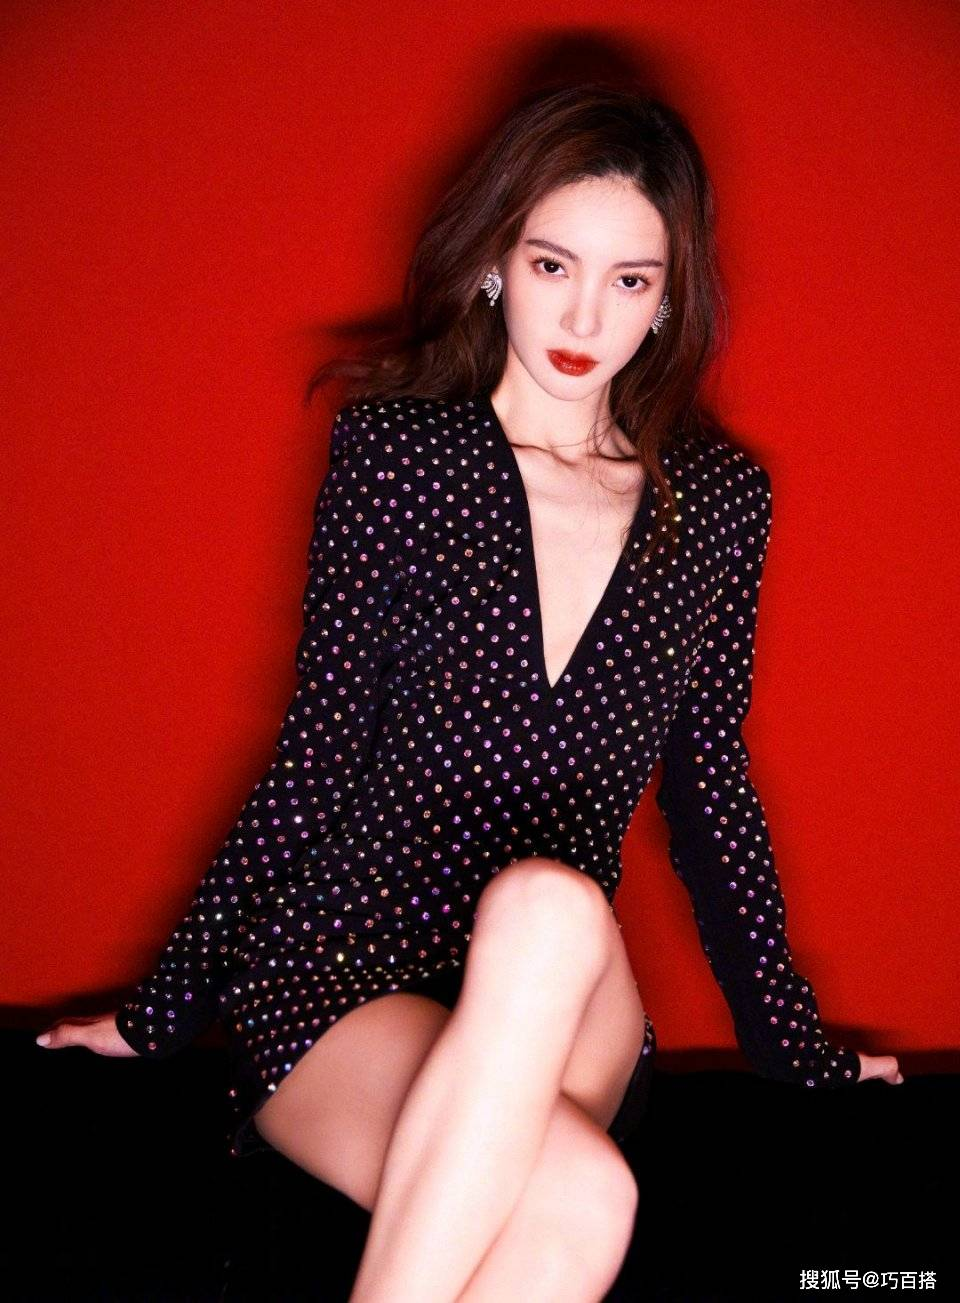 原创             金晨两套活动look都好绝,黑色礼裙尽显好身材,美得优雅还性感